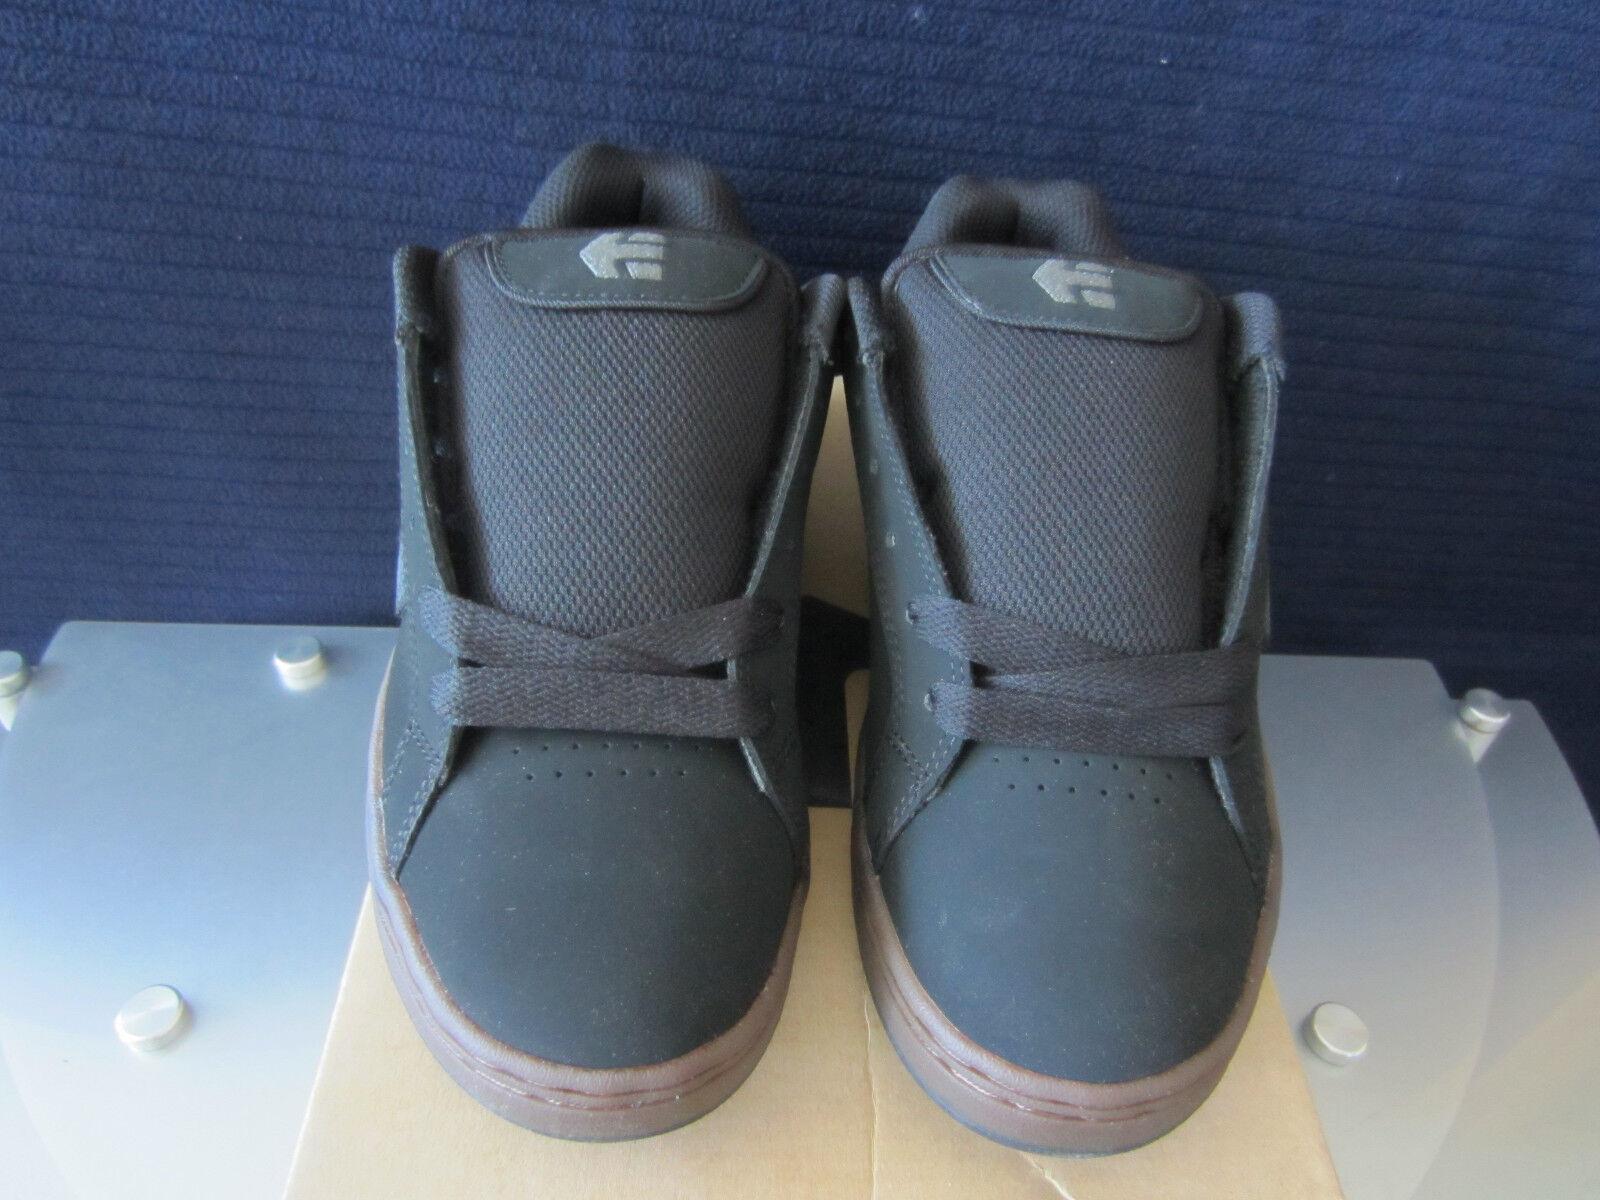 Etnies Fader 38. Unisex Skateboardschuhe Farben Gr.37, 37,5, 38. Fader Neu und OVP c29b80